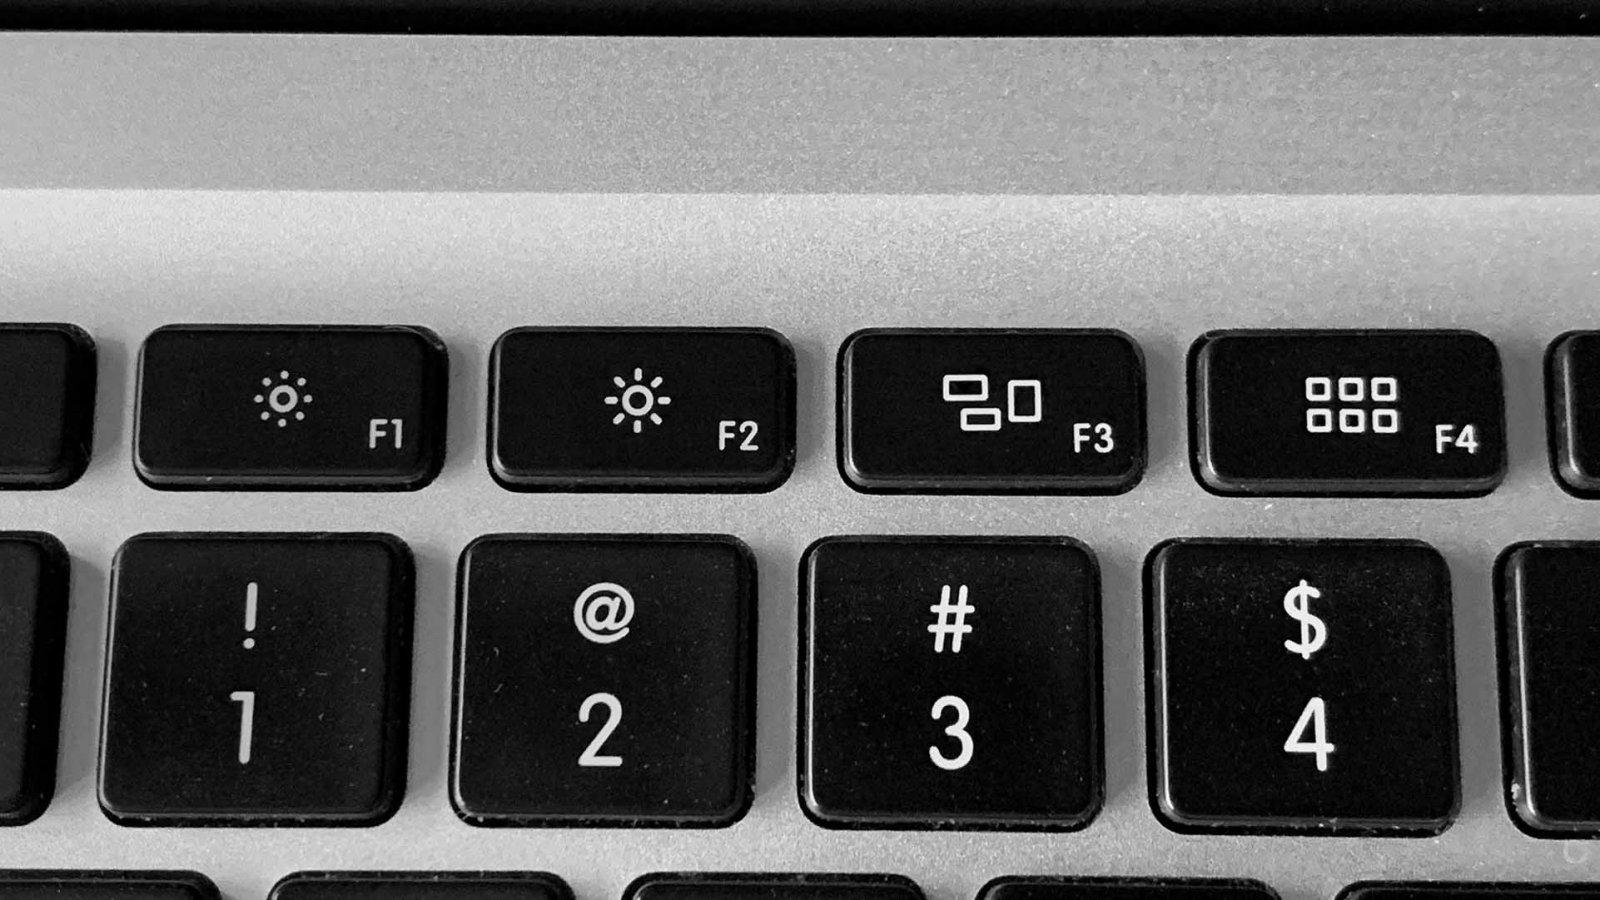 تغییر نوع عملکرد کلید Fn در لپ تاپ های ویندوزی و مک